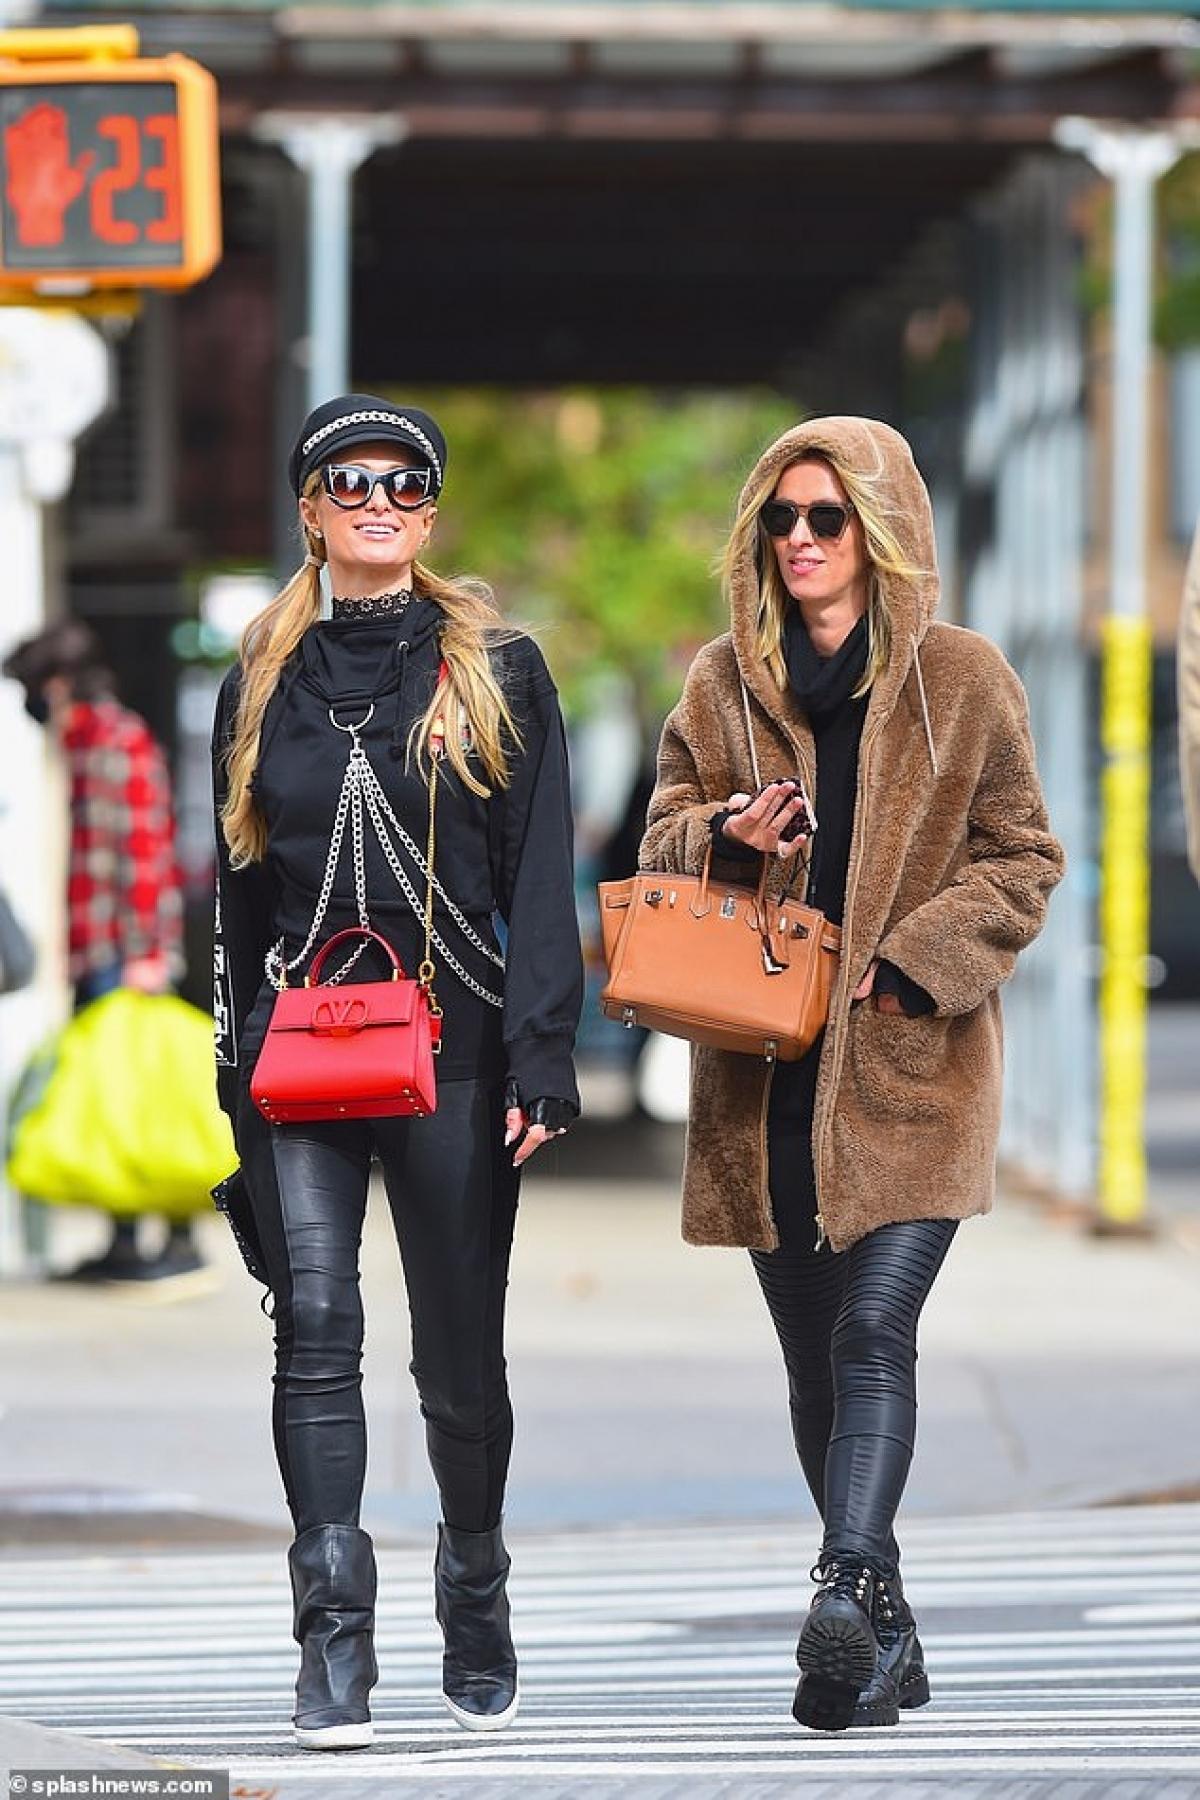 Trước đó, Nick Hilton và chị gái Paris Hilton bị cánh săn ảnh bắt gặp sánh đôi cùng nhau trên phố.